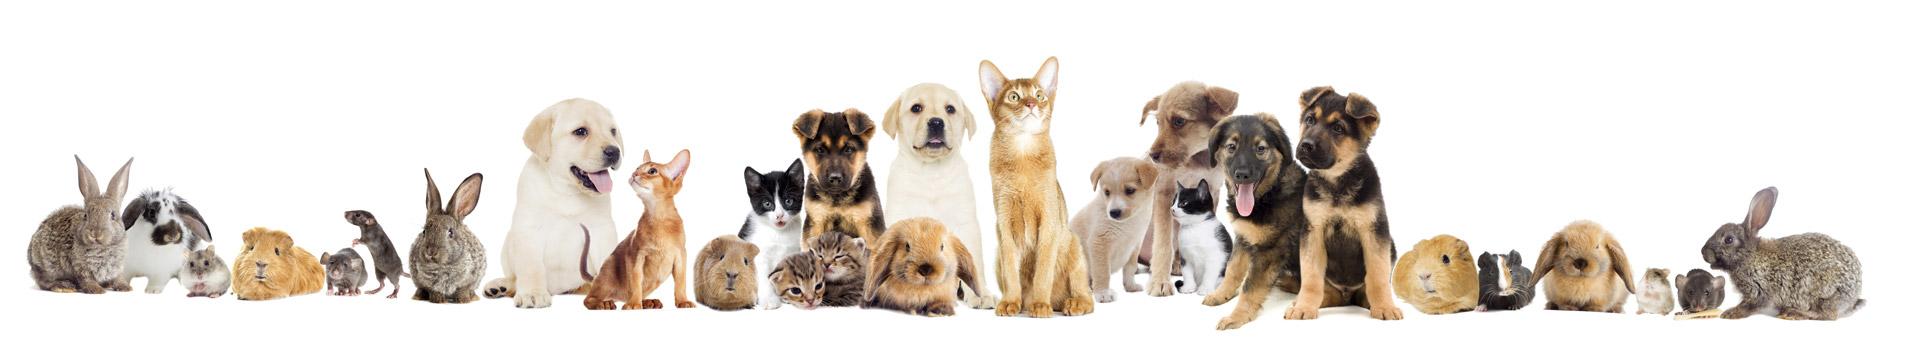 Populaire Services pour animaux domestiques à Montpellier | S.A.D  ZV54